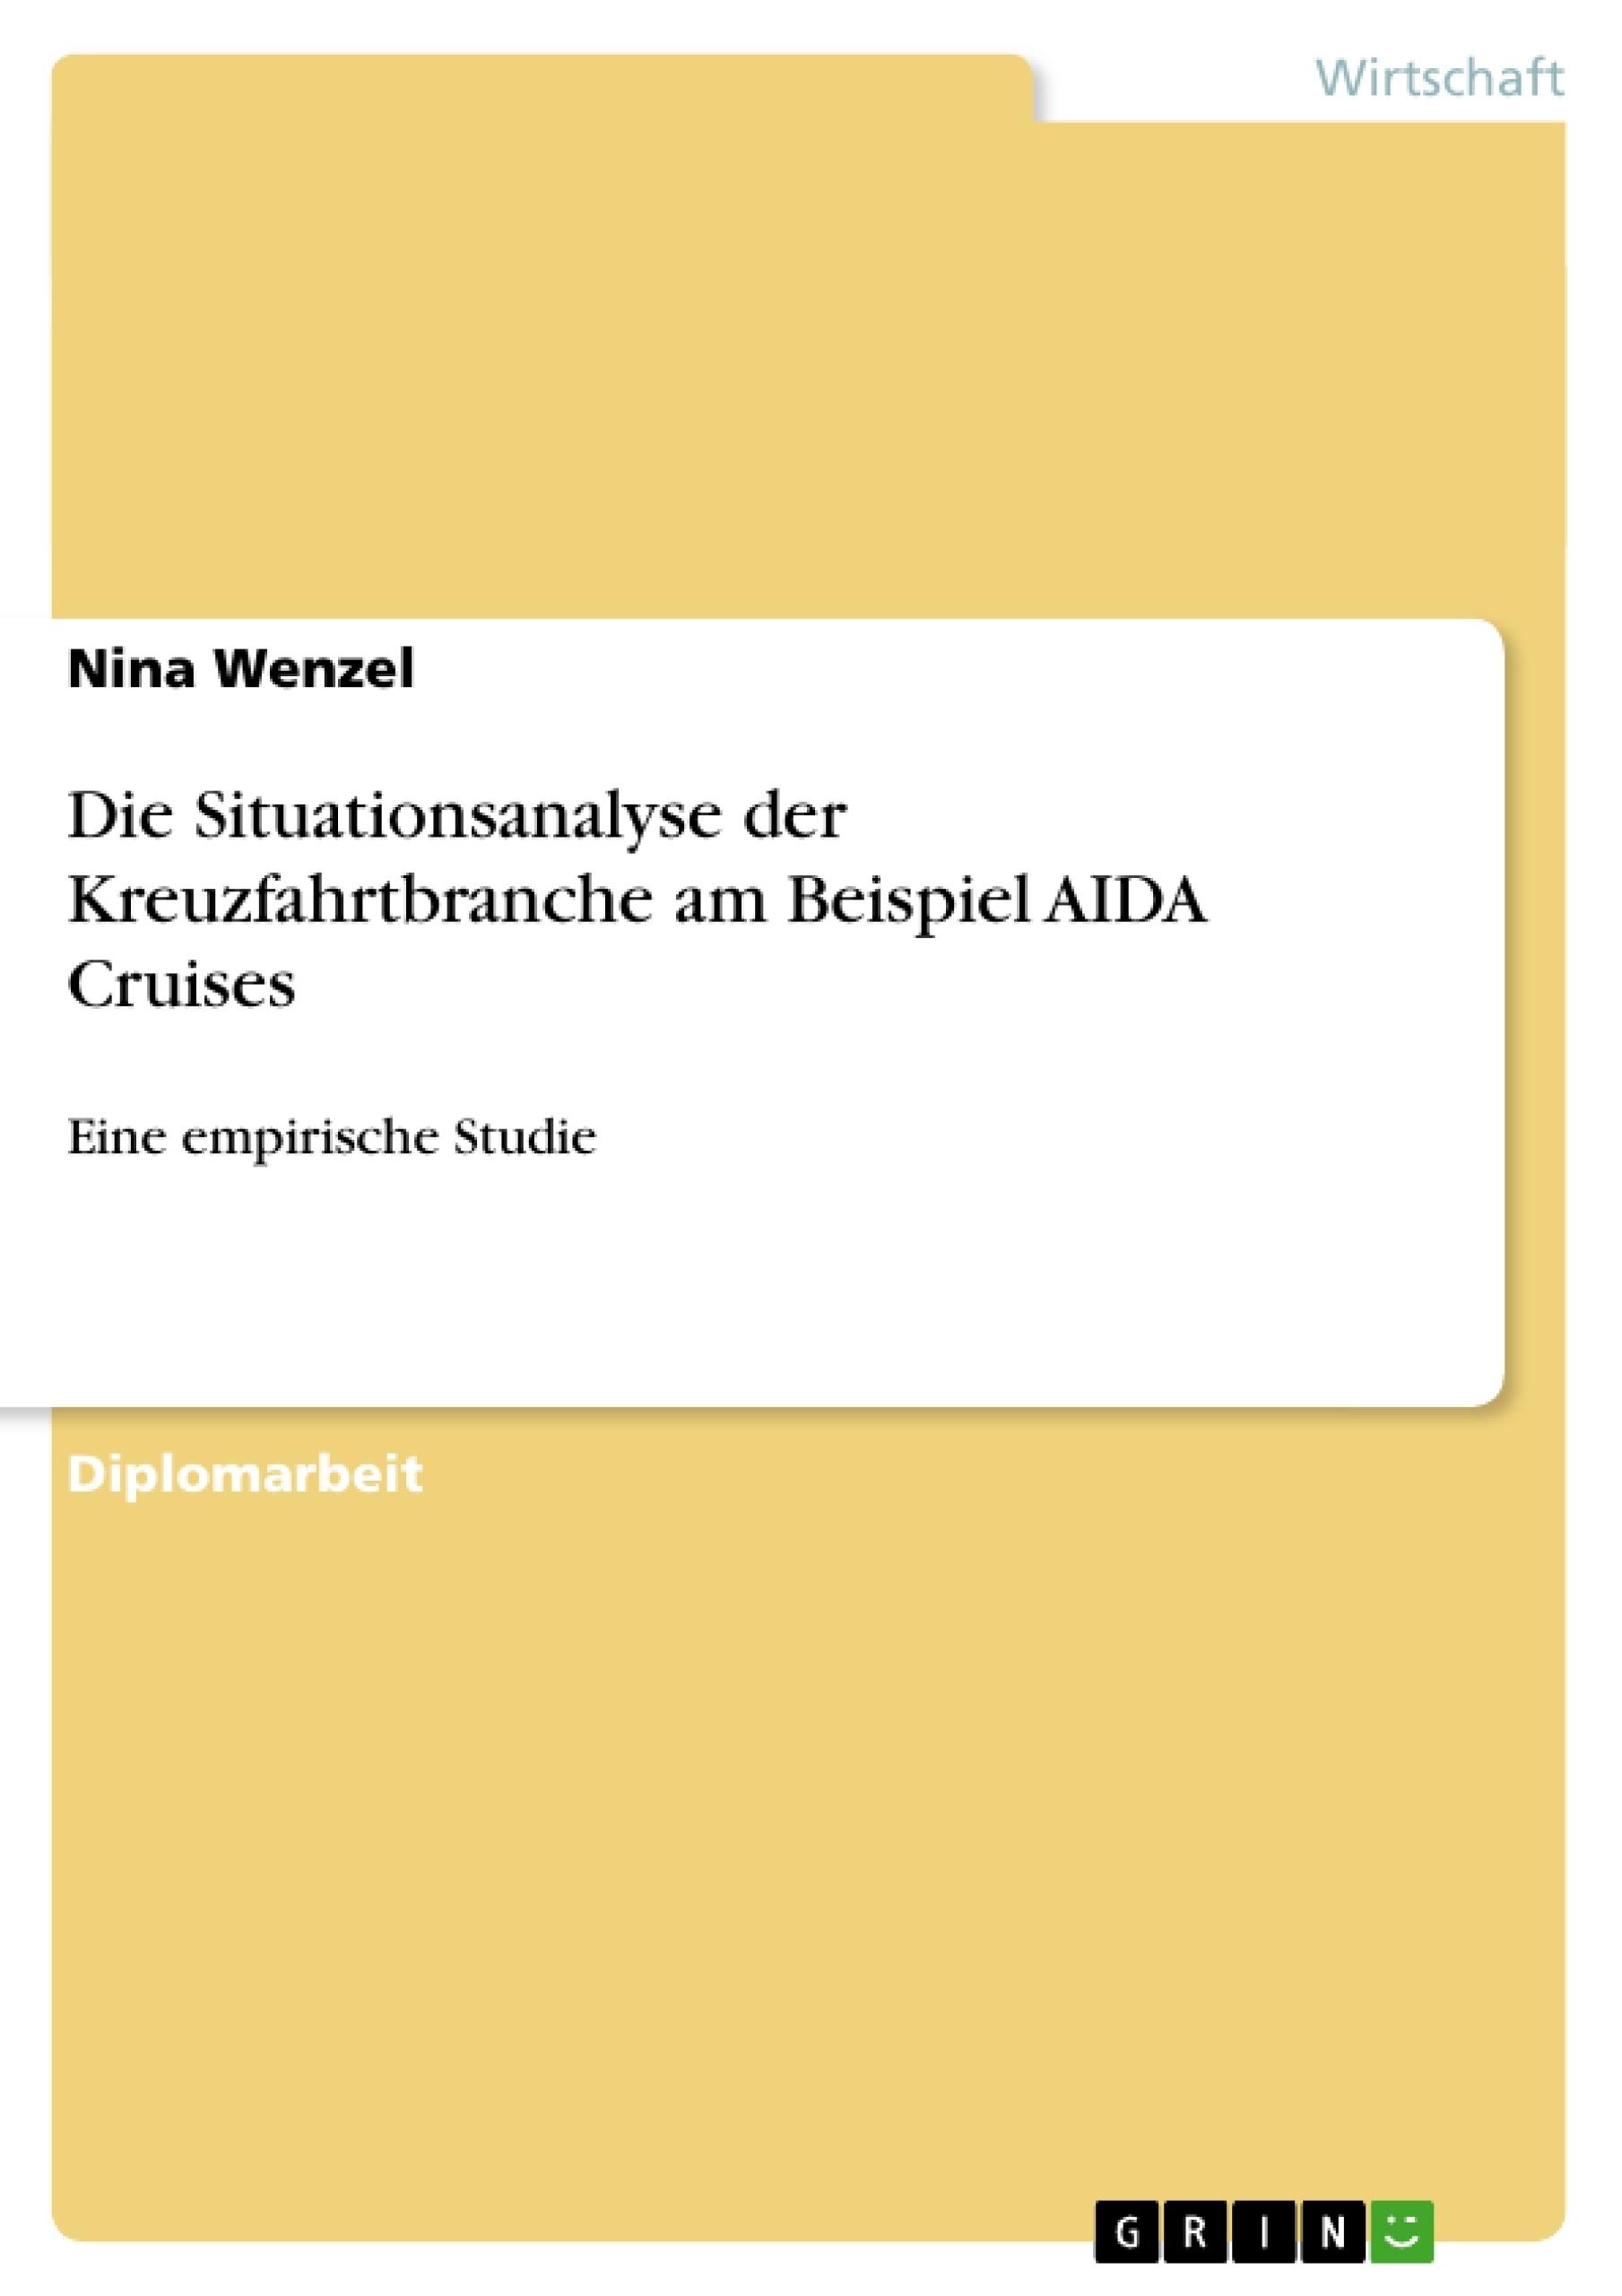 Titel: Die Situationsanalyse der Kreuzfahrtbranche am Beispiel AIDA Cruises